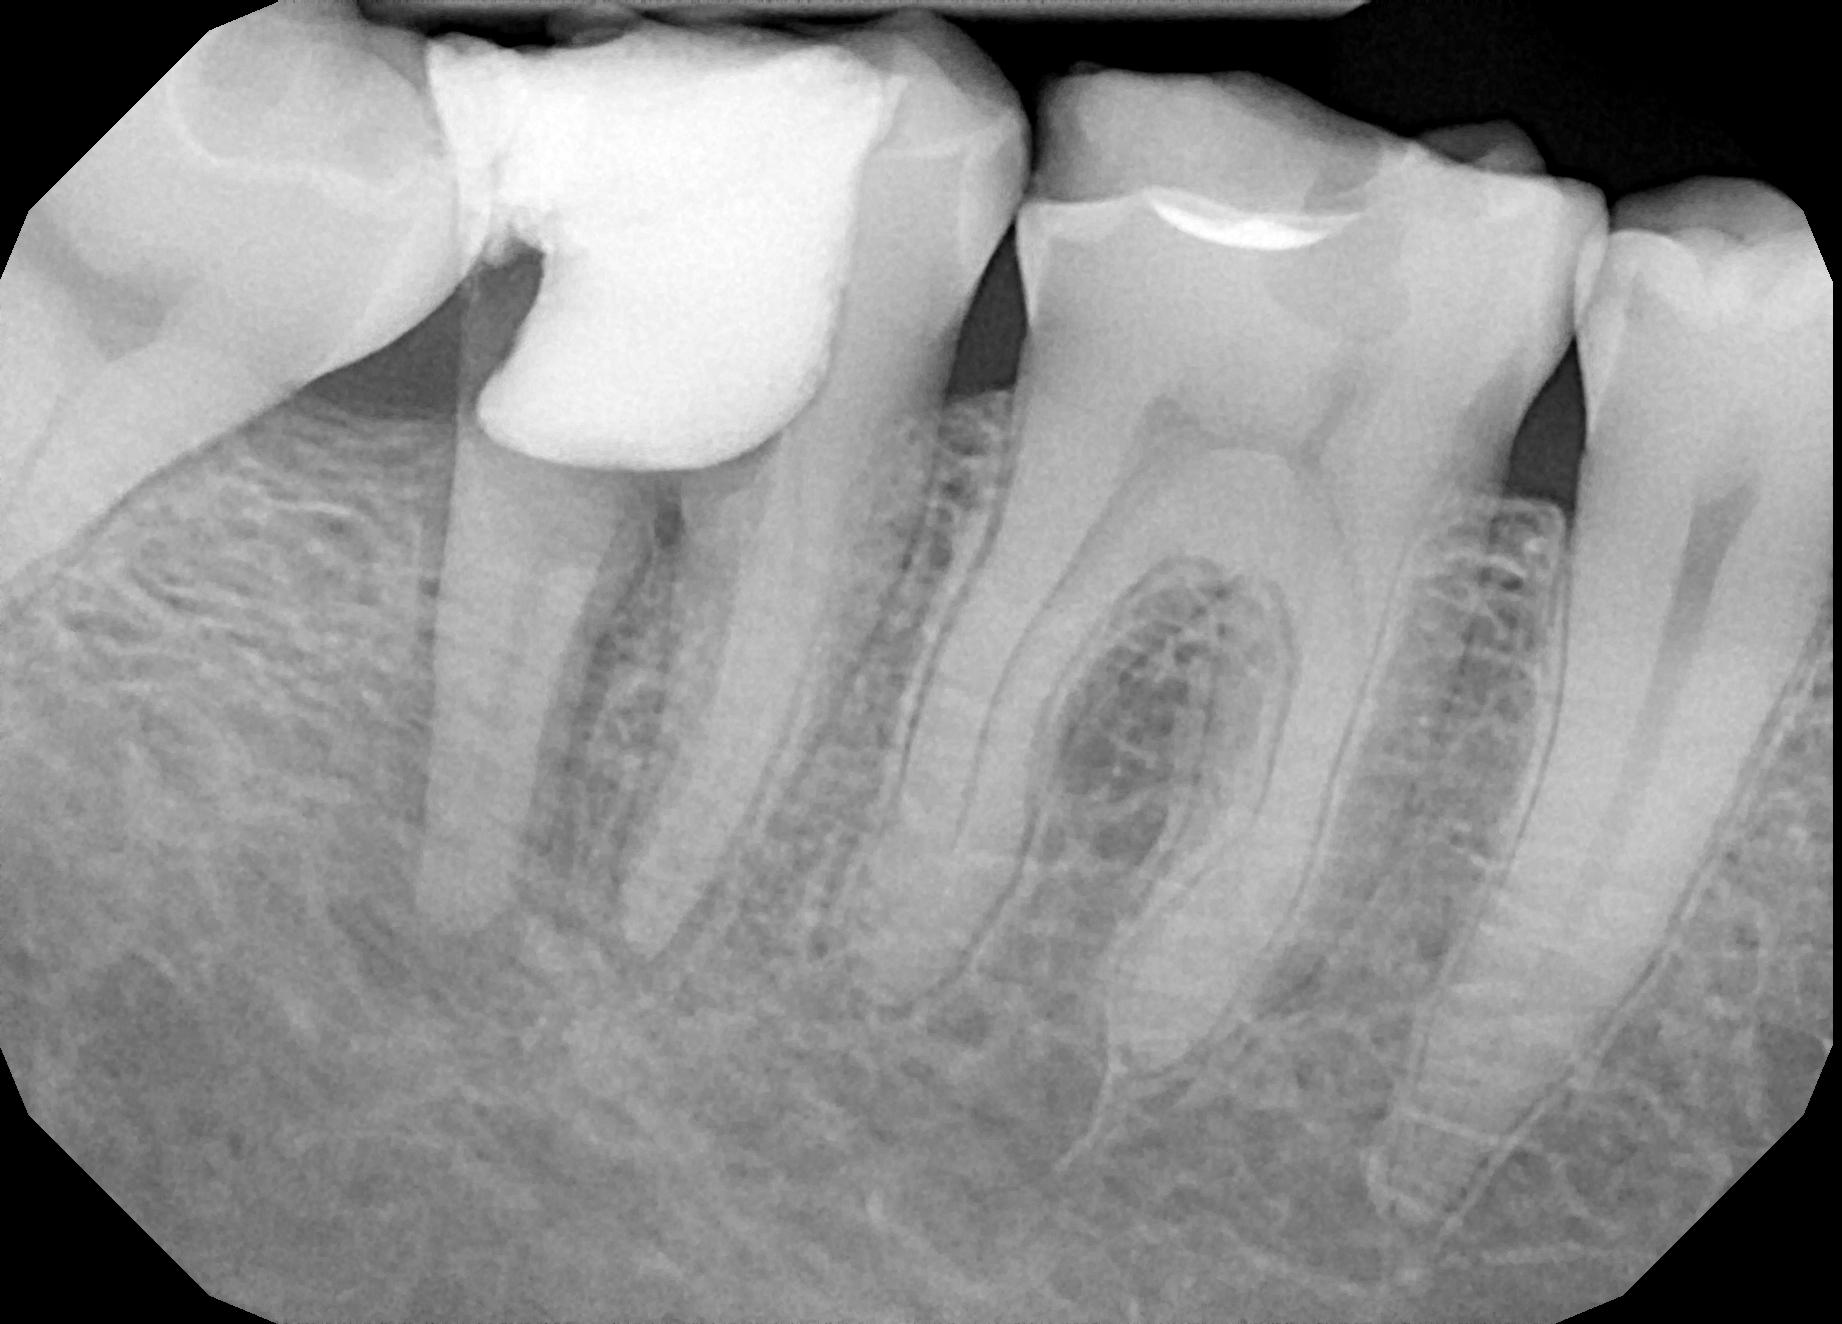 Rešavanje problema neuspelog endodontskog lečenja zuba